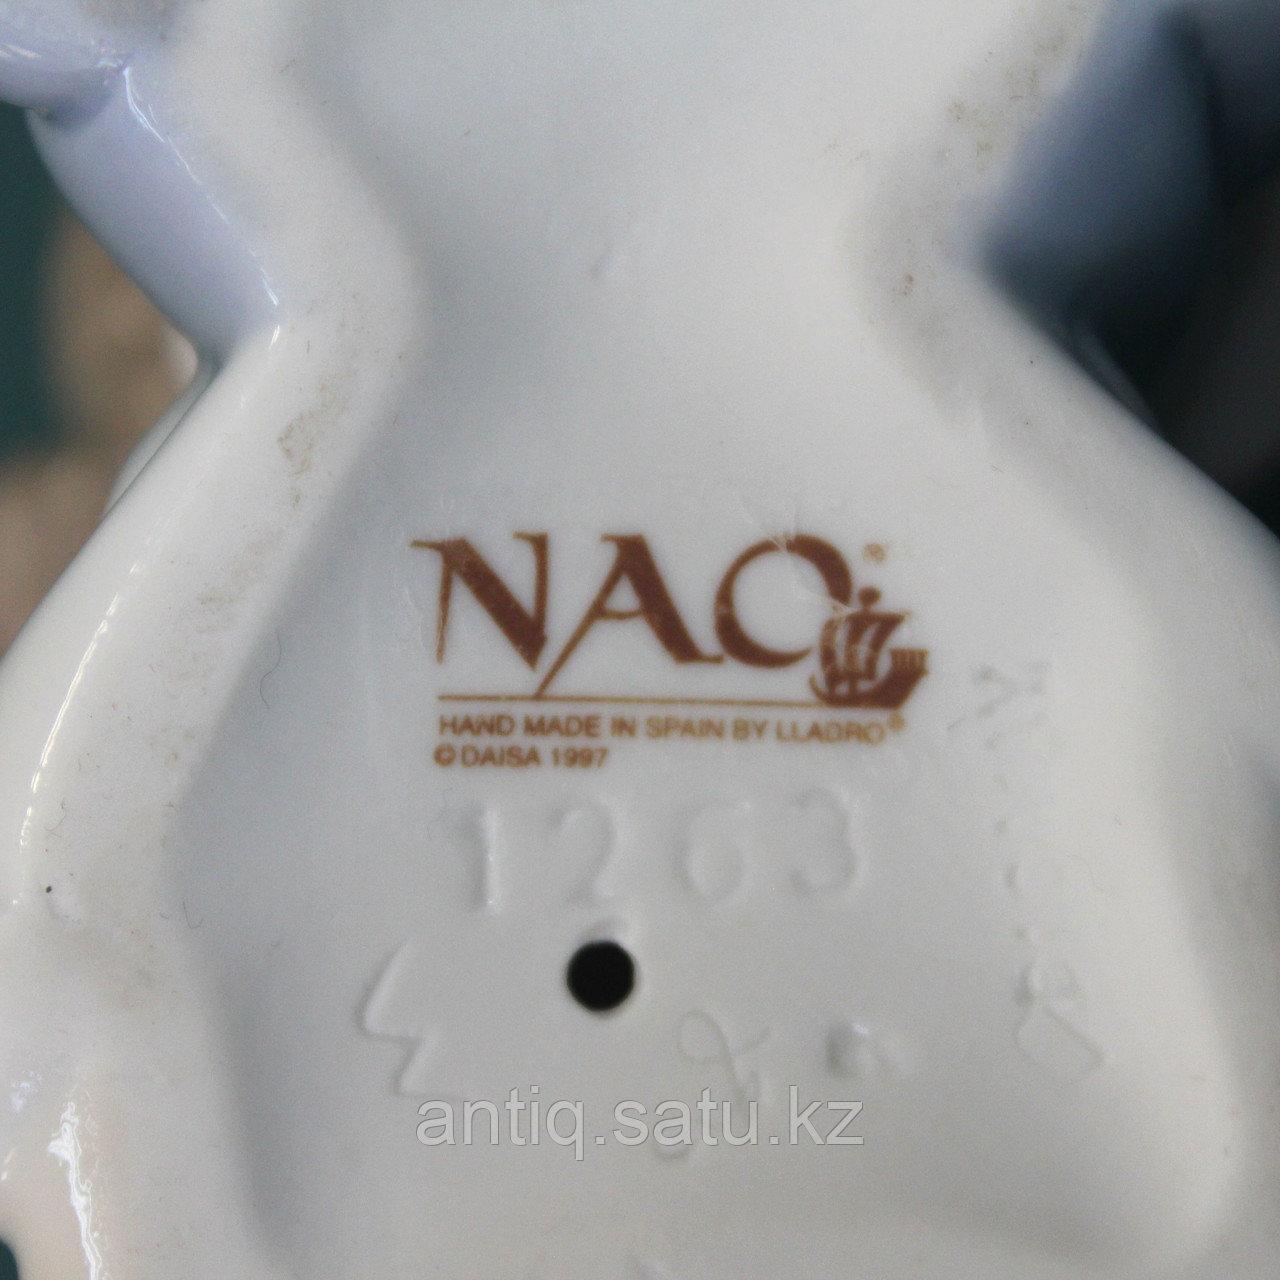 Фарфоровая мануфактура NAO - фото 7